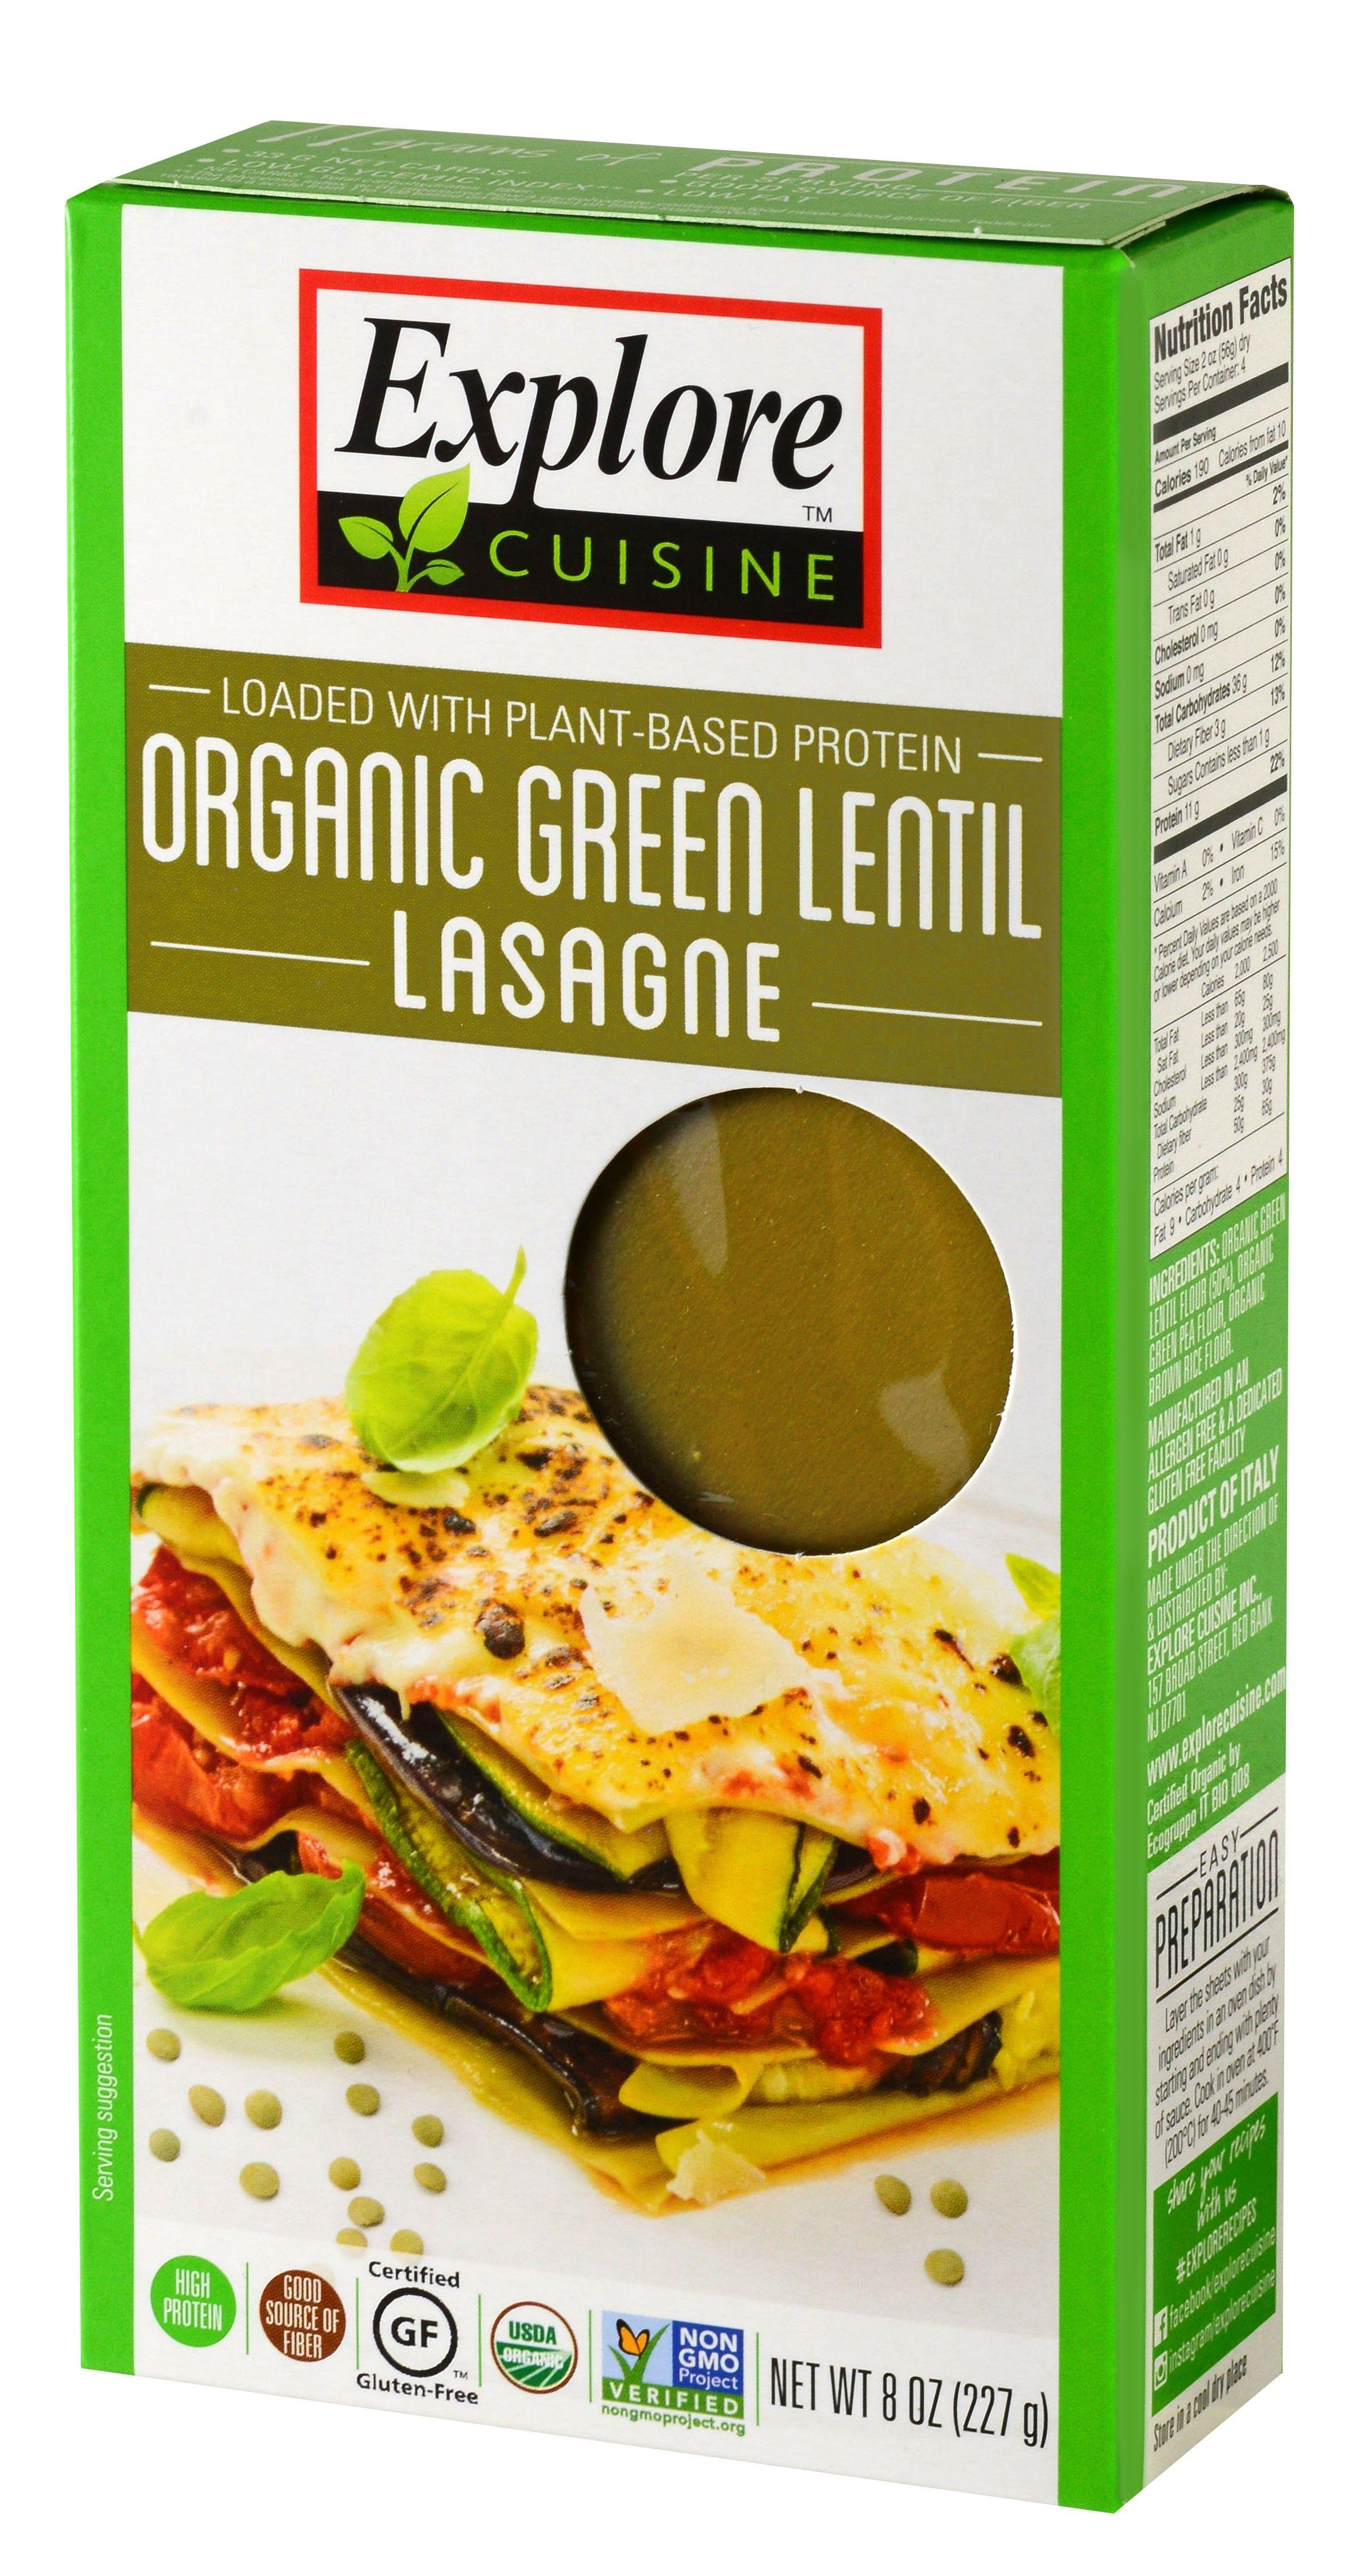 Organic Green Lentil Lasagna Organic Pulse Pastas In 2019